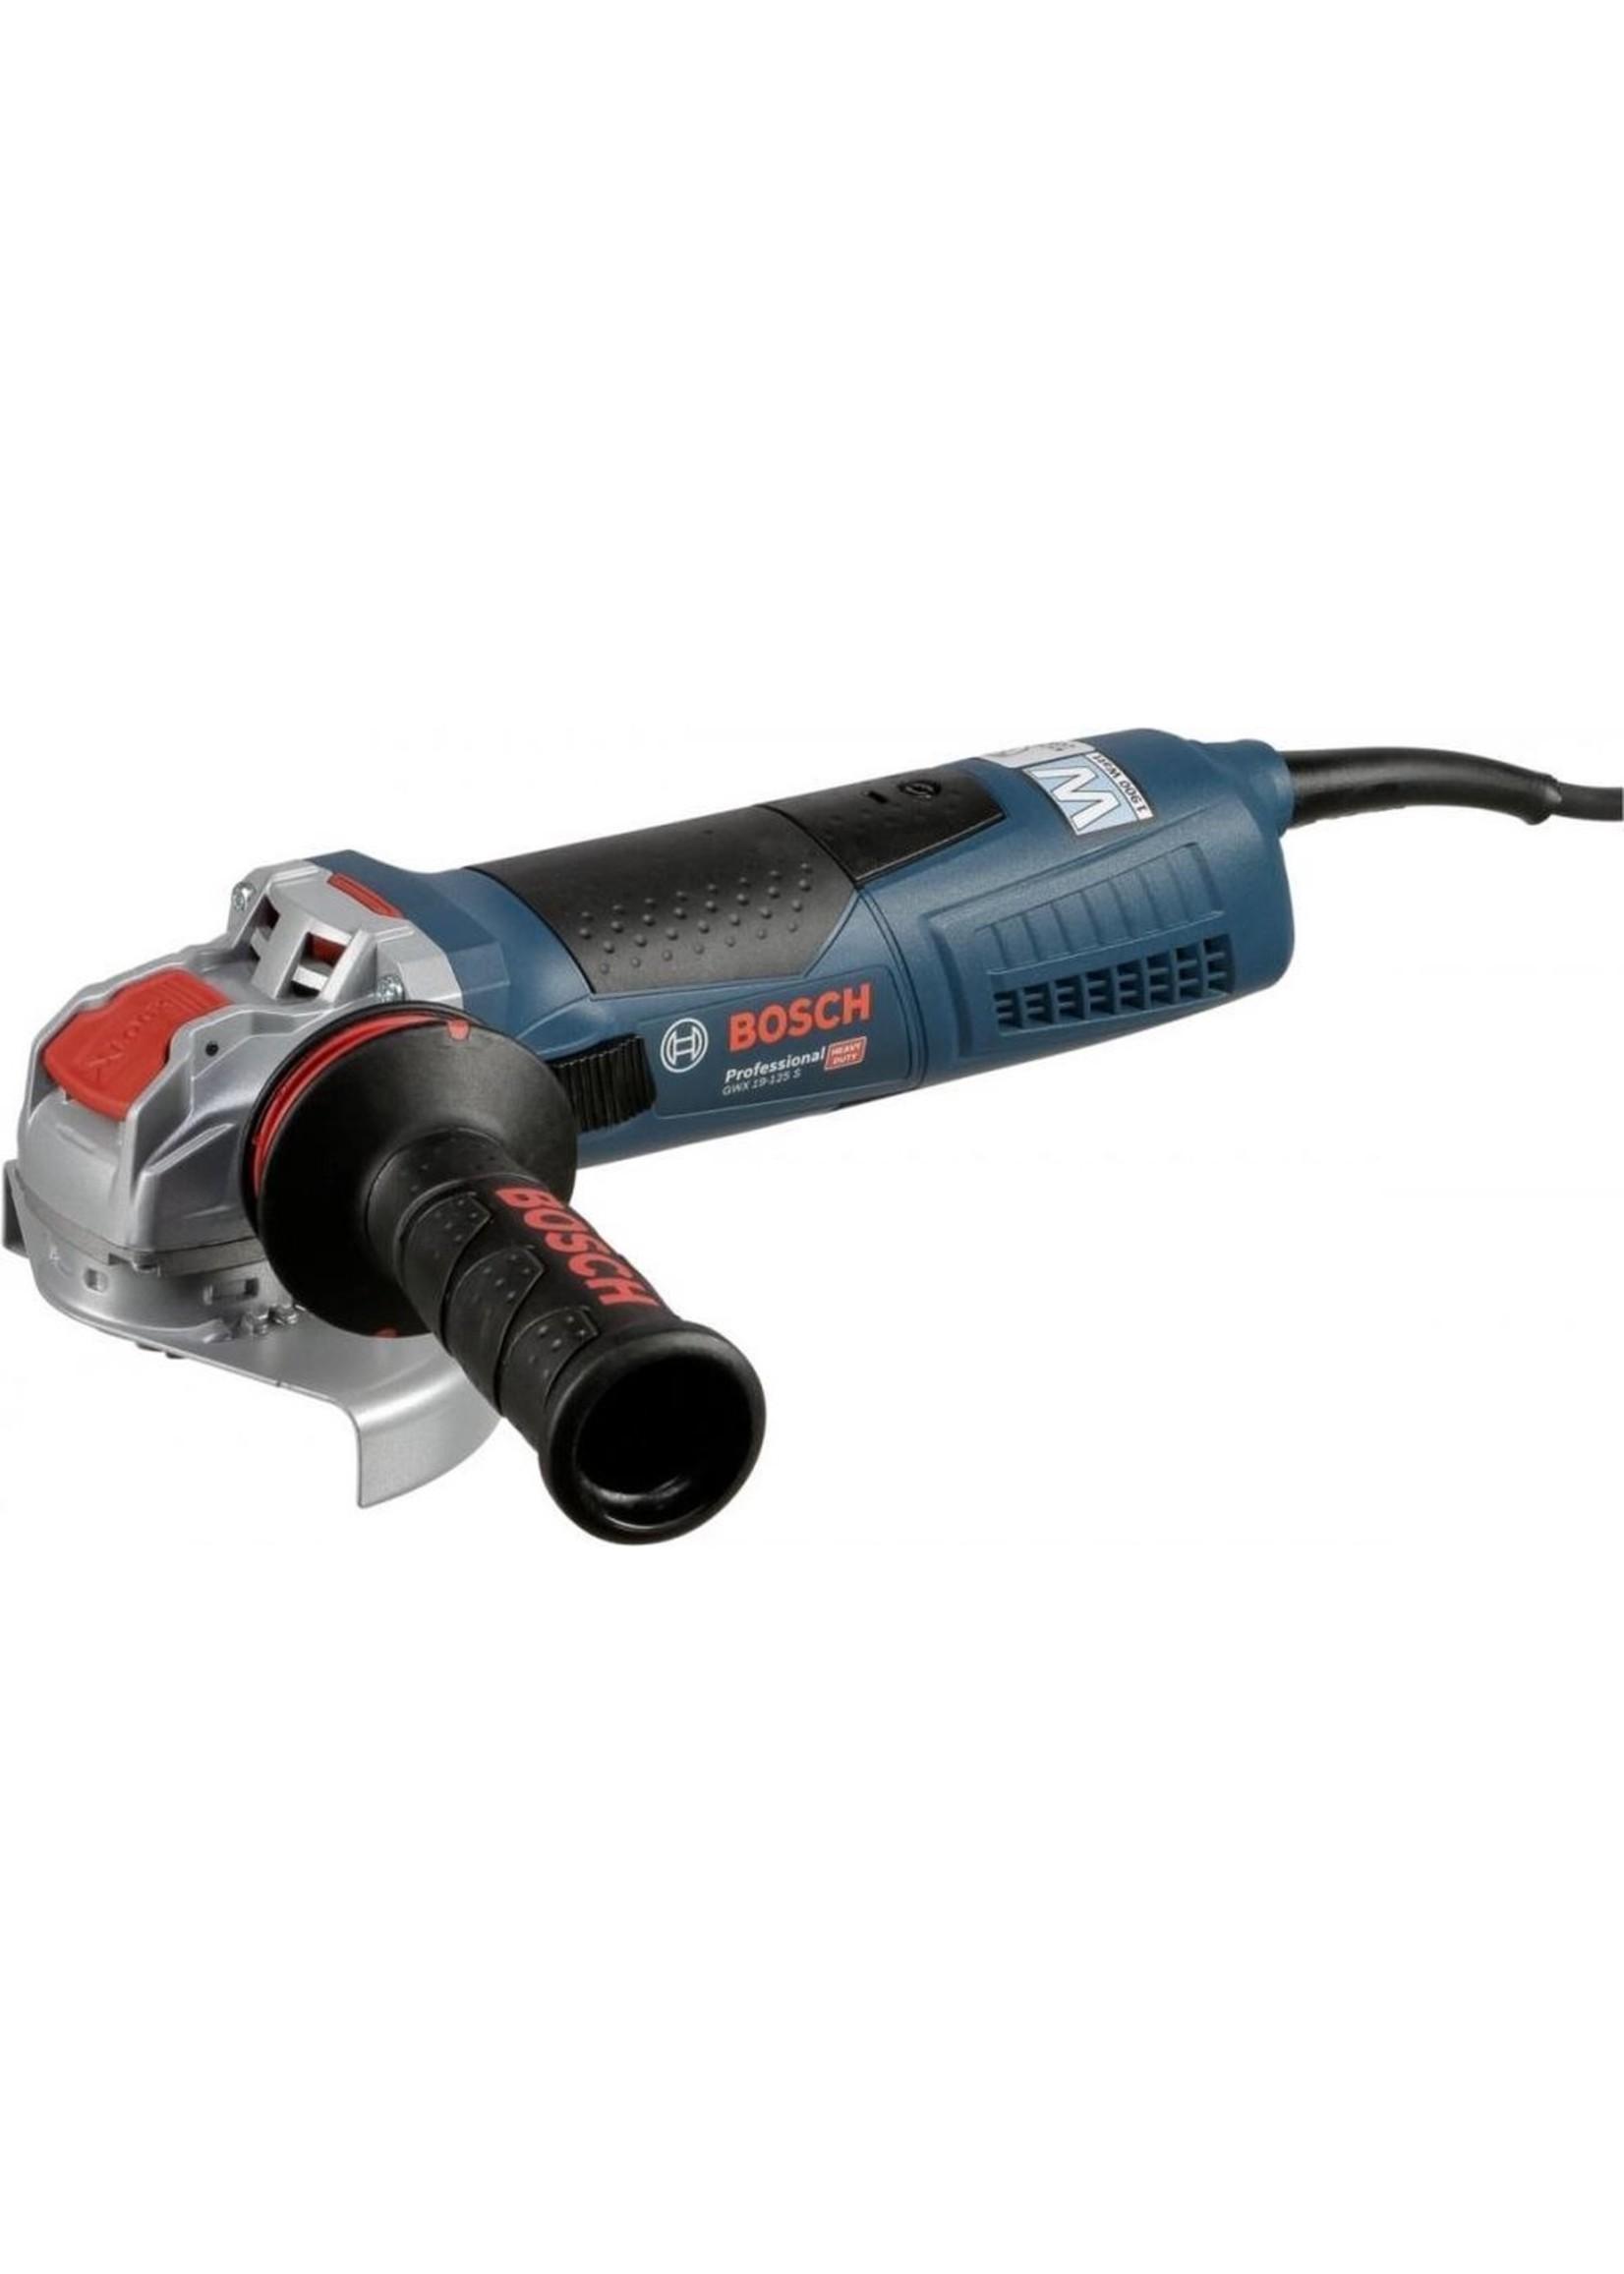 Bosch Bosch GWX 19-125 S Professional haakse slijpmachine